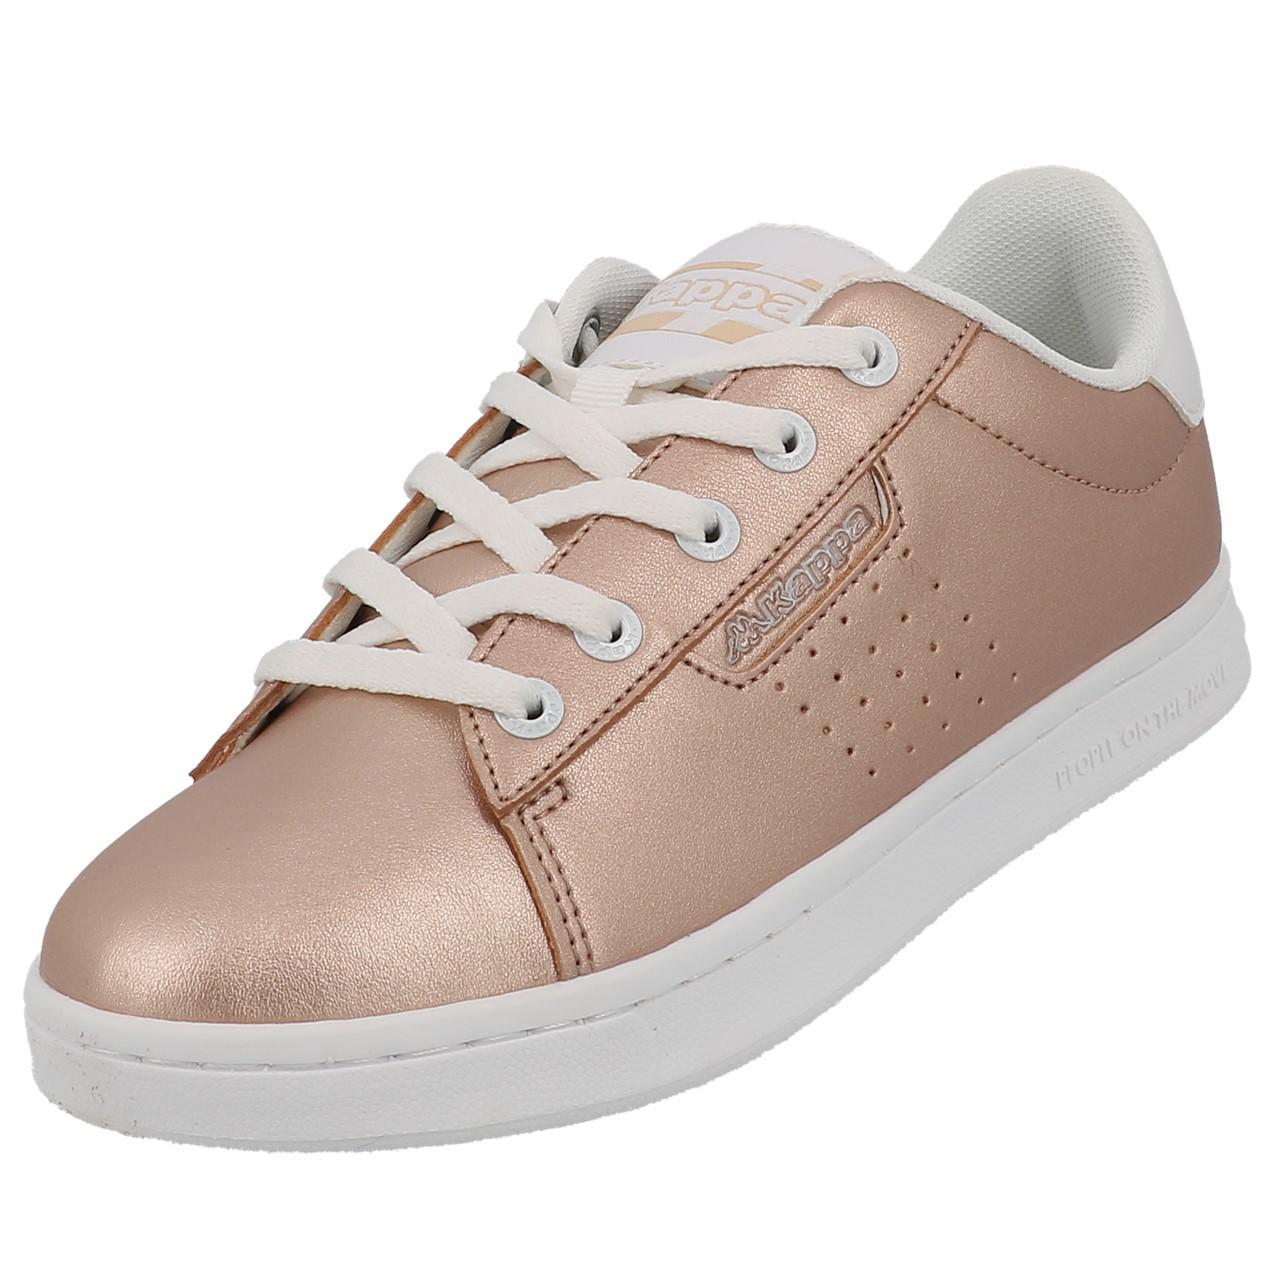 Schuhe-Niedrig-Leder-oder-Faux-Kappa-Tchouri-Schnuersenkel-Rauch-Beige-49612